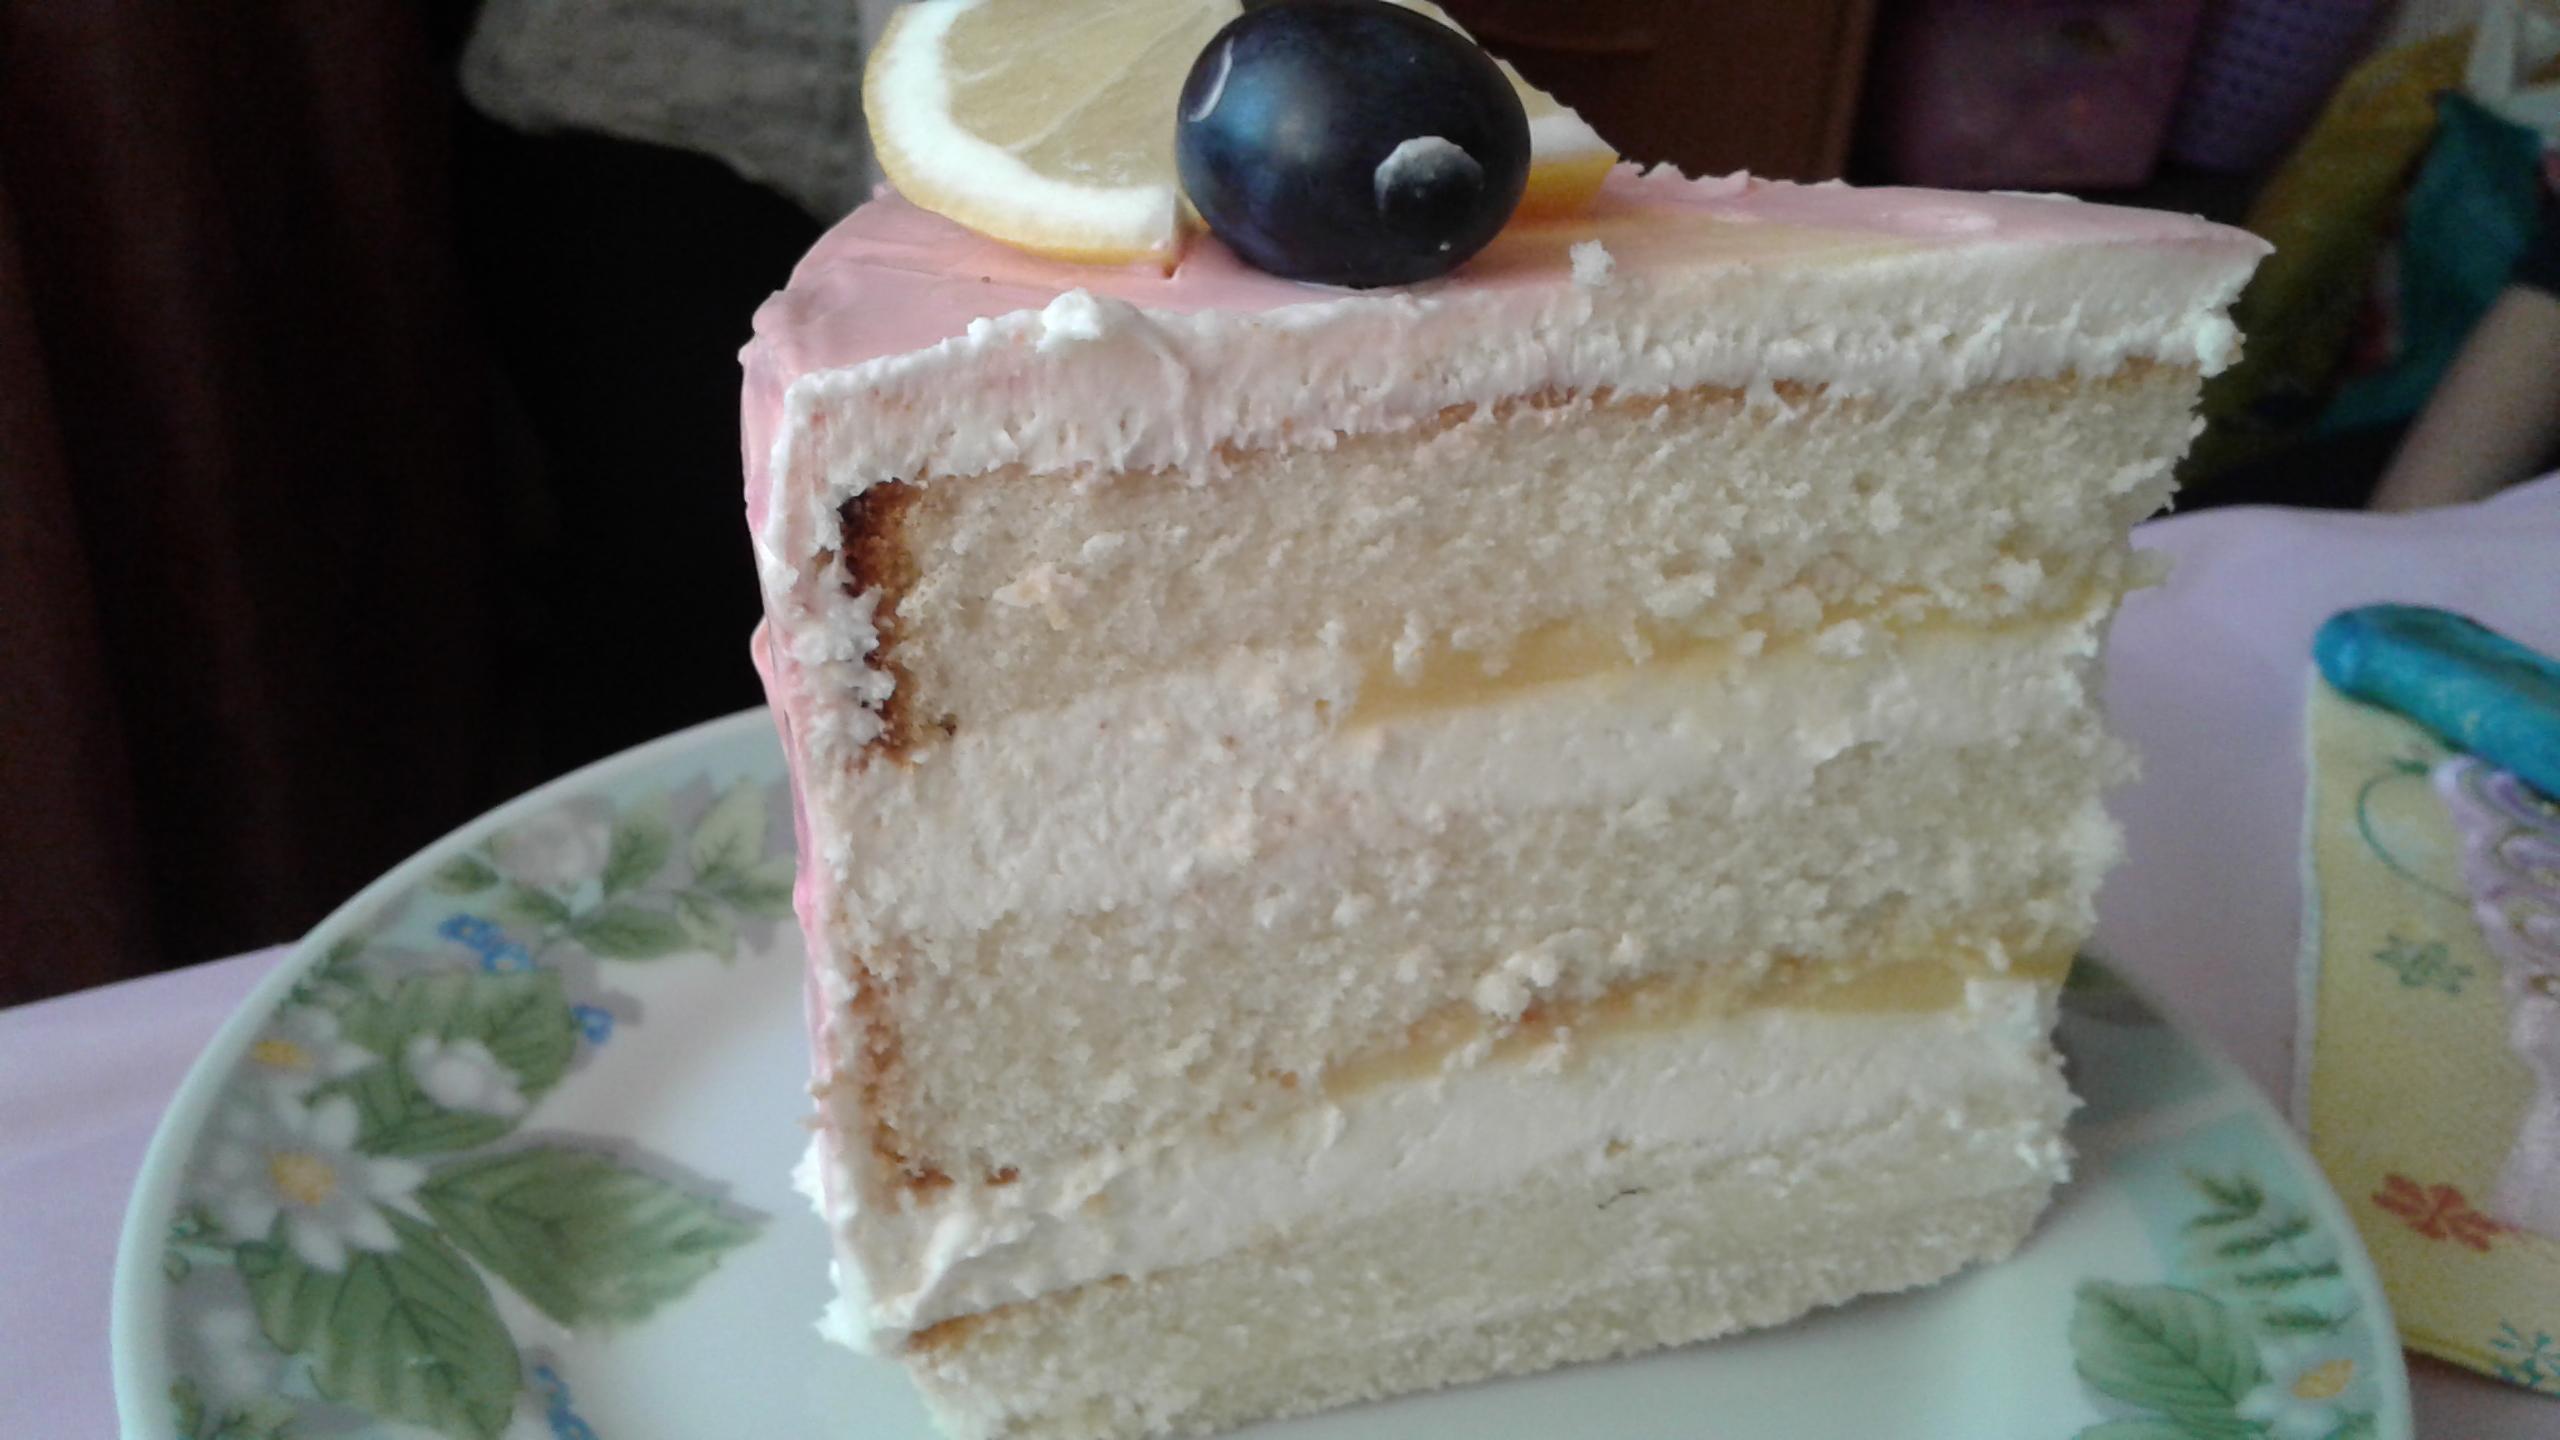 предоставляем сайт-визитку, торт который получается всегда рецепт с фото первый год